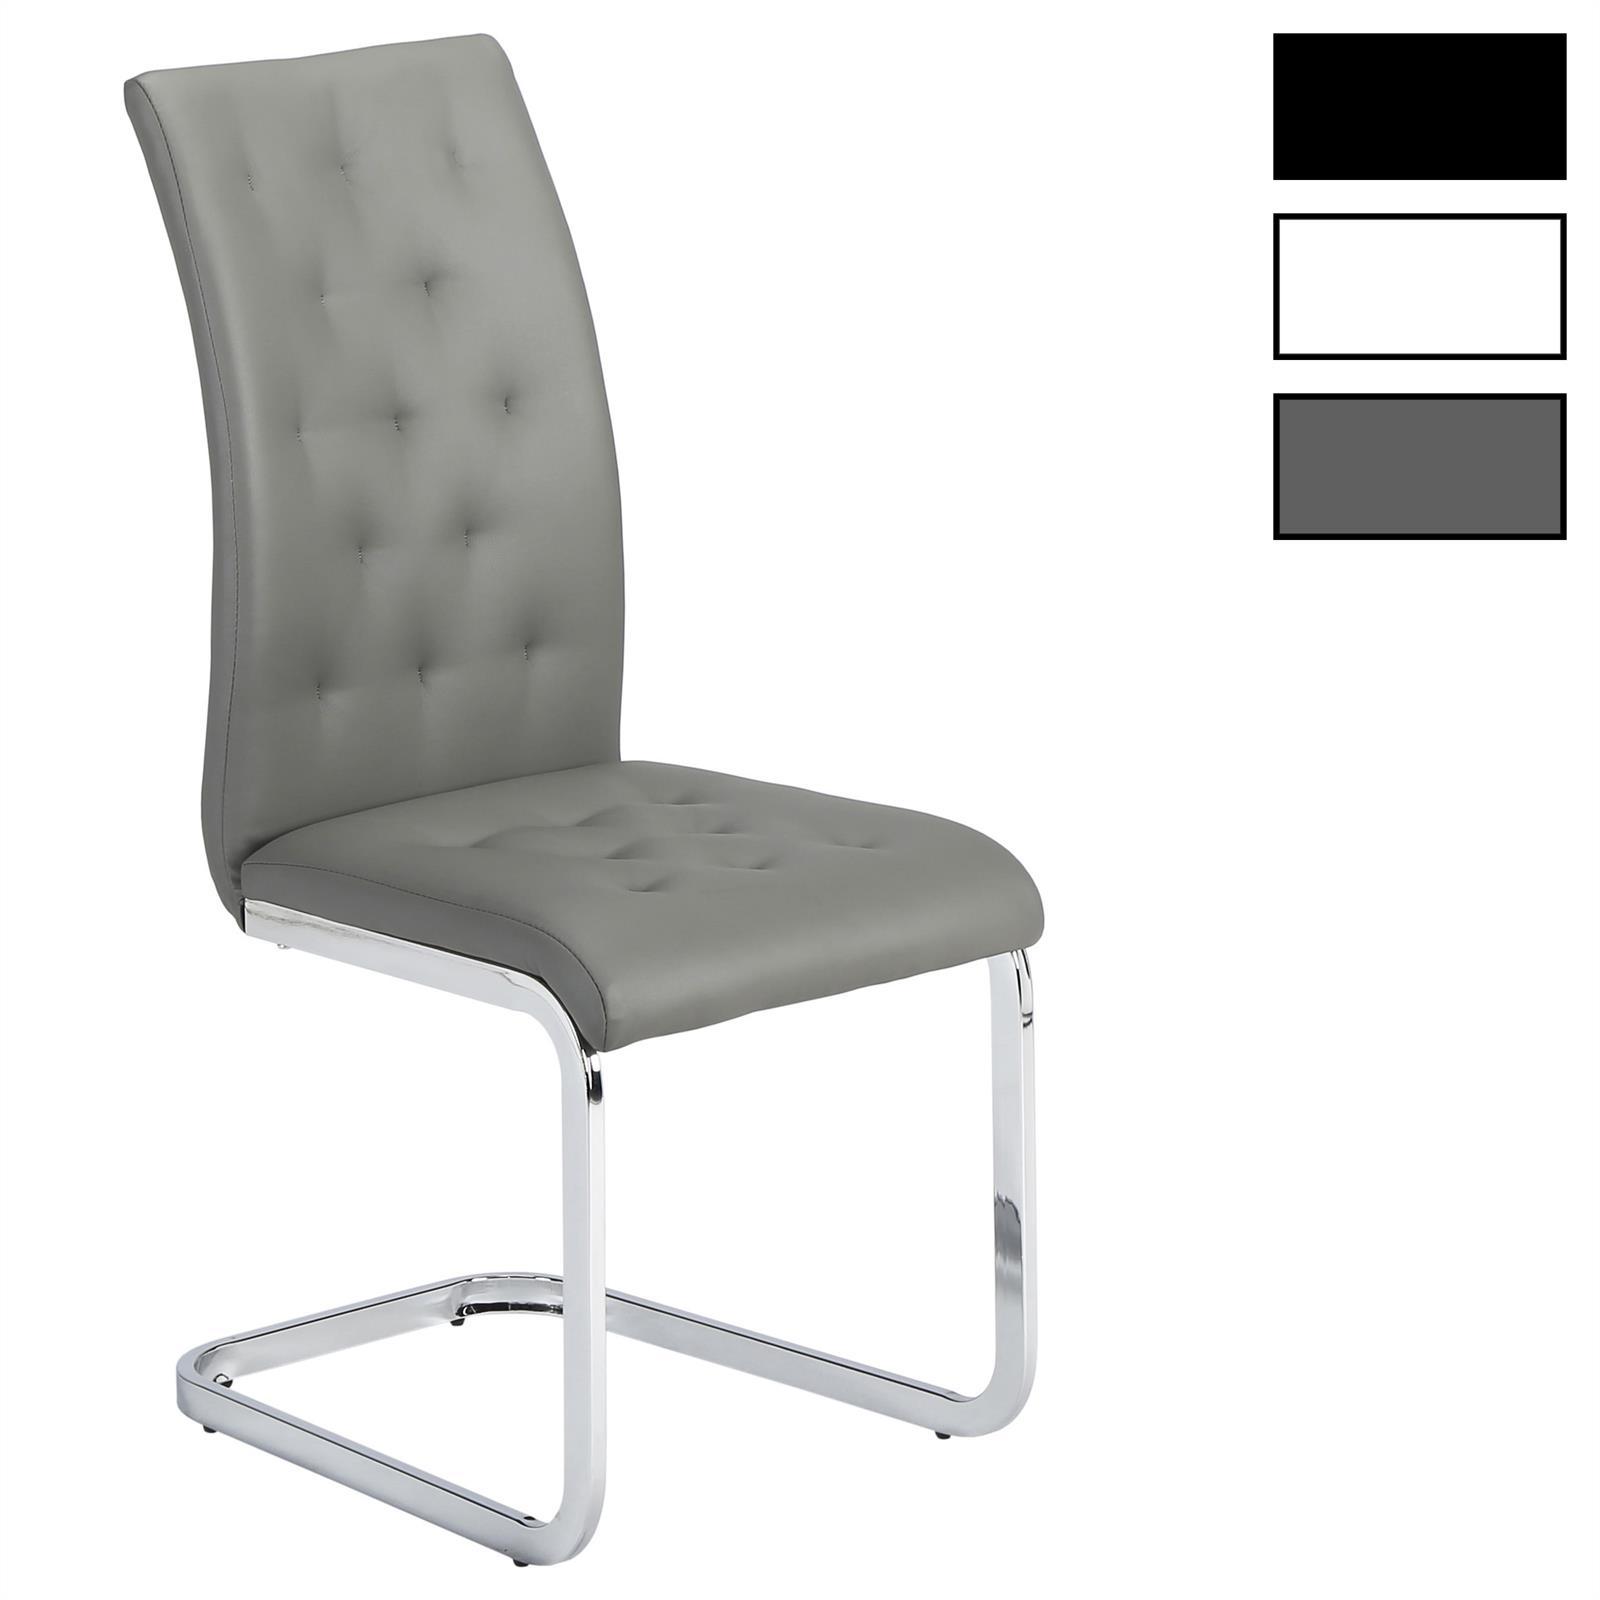 Esszimmerstuhl chloe im attraktiven design mobilia24 for Design esszimmerstuhl